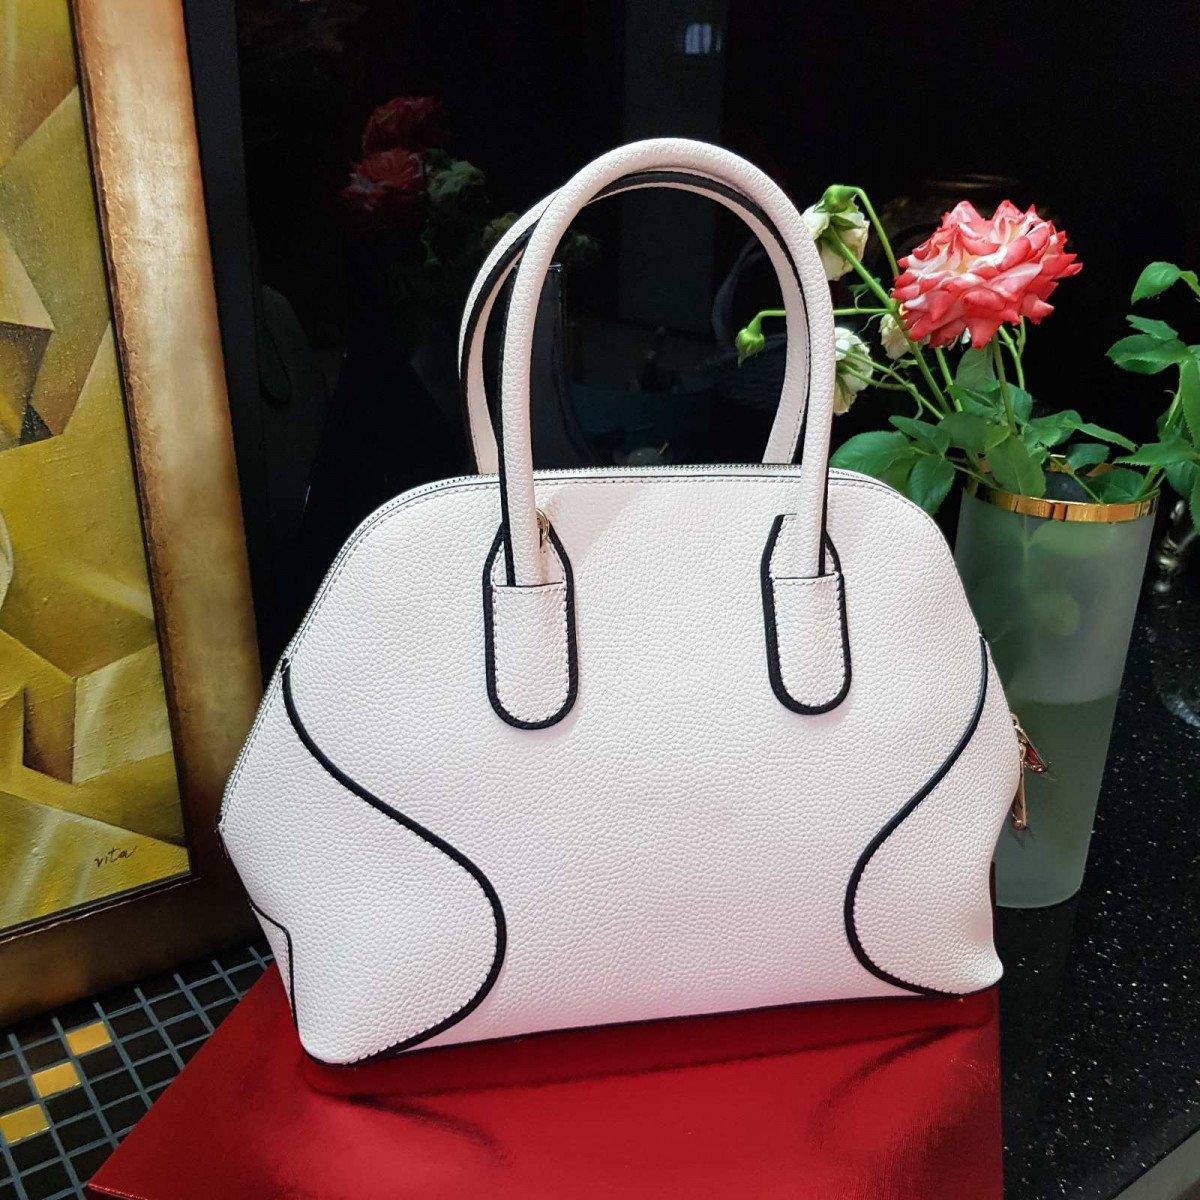 Кожаная женская сумка LA Martina 41W409 P0004 milk из натуральной кожи из натуральной кожи